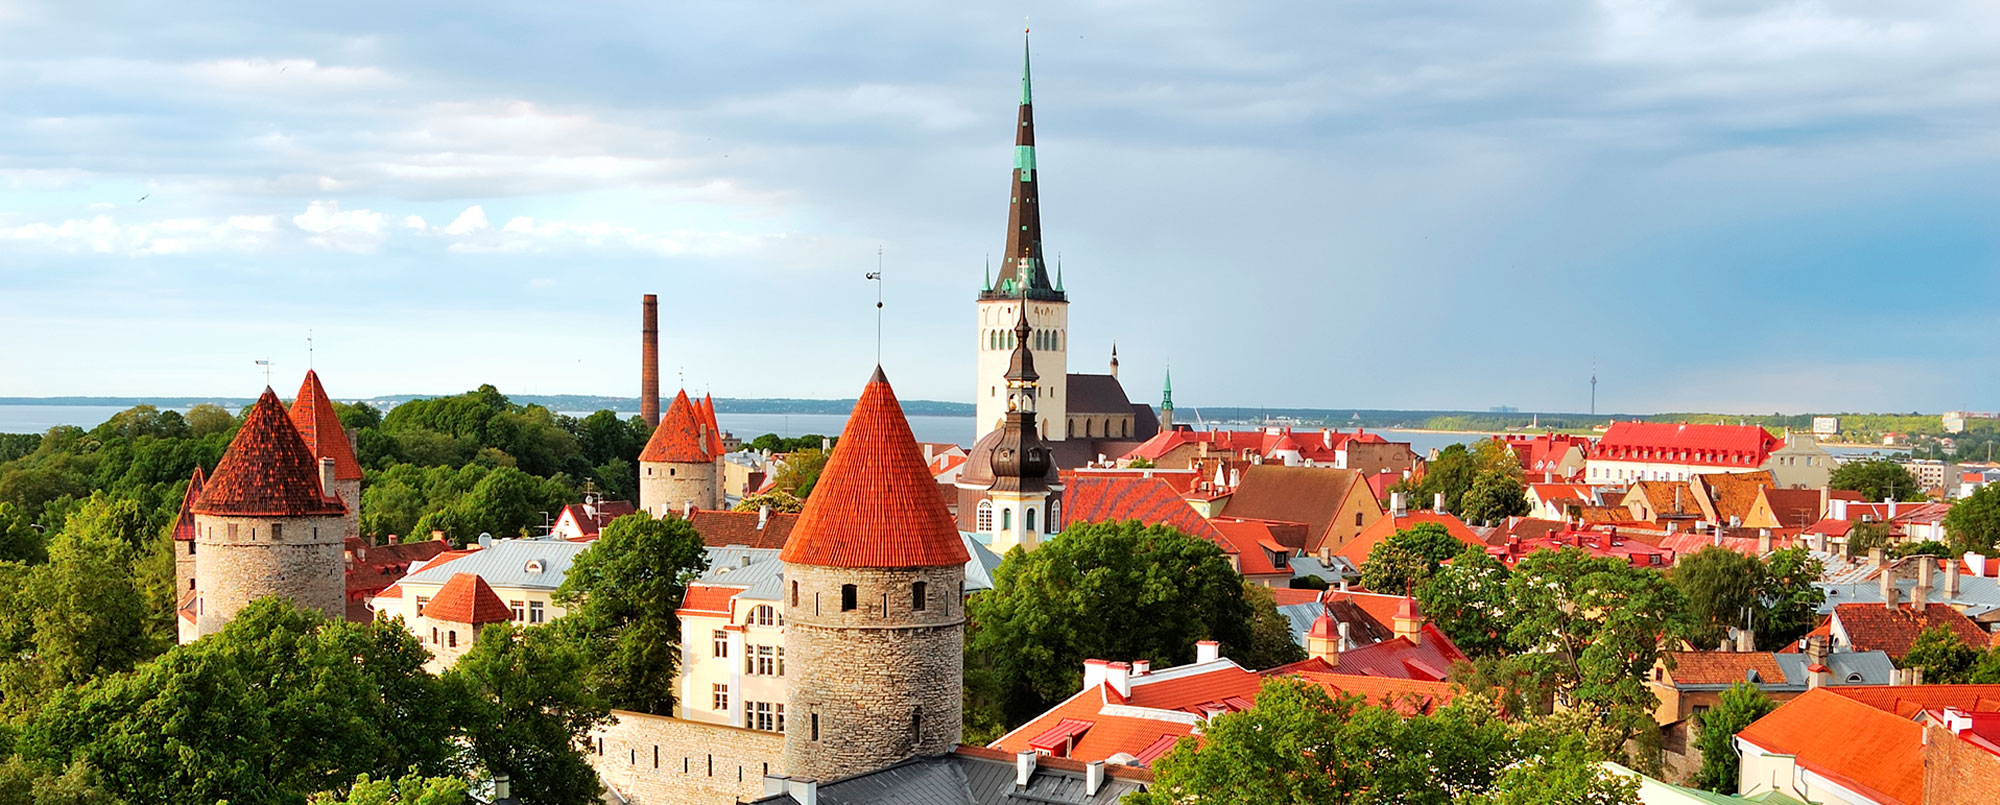 7.12.2019 Dag i Tallinn